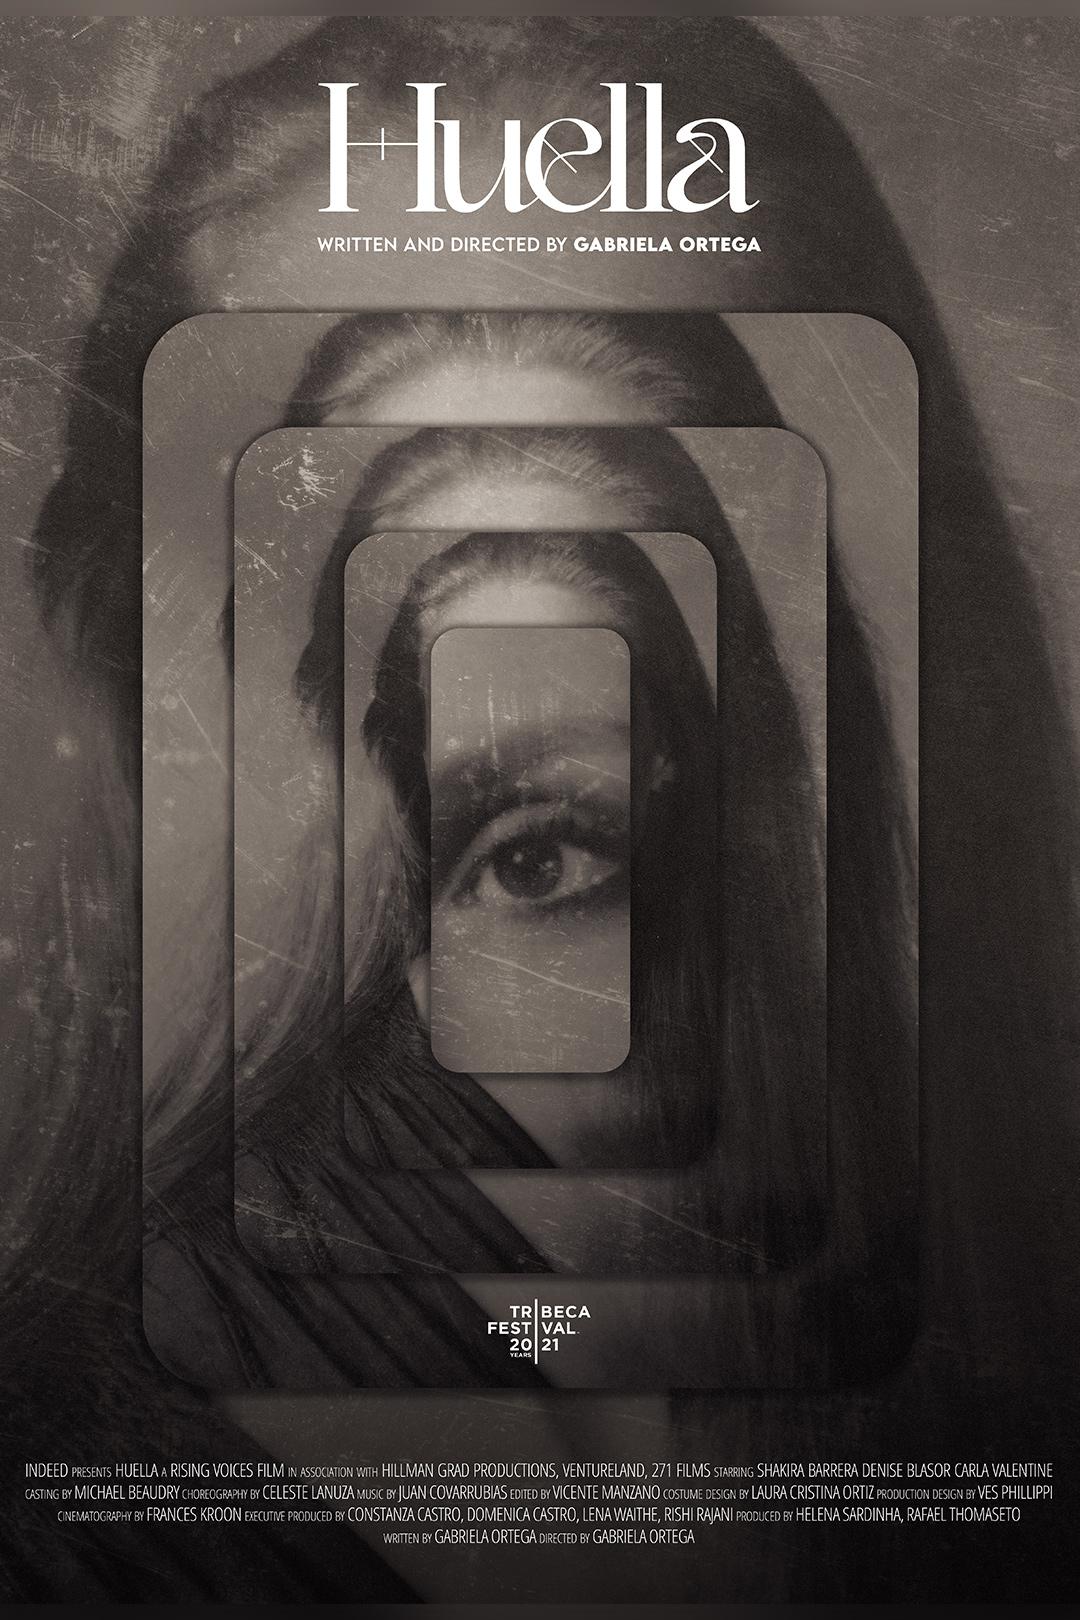 HUELLA_Short-Film_Poster - Gabriela Decker Sardinha copy